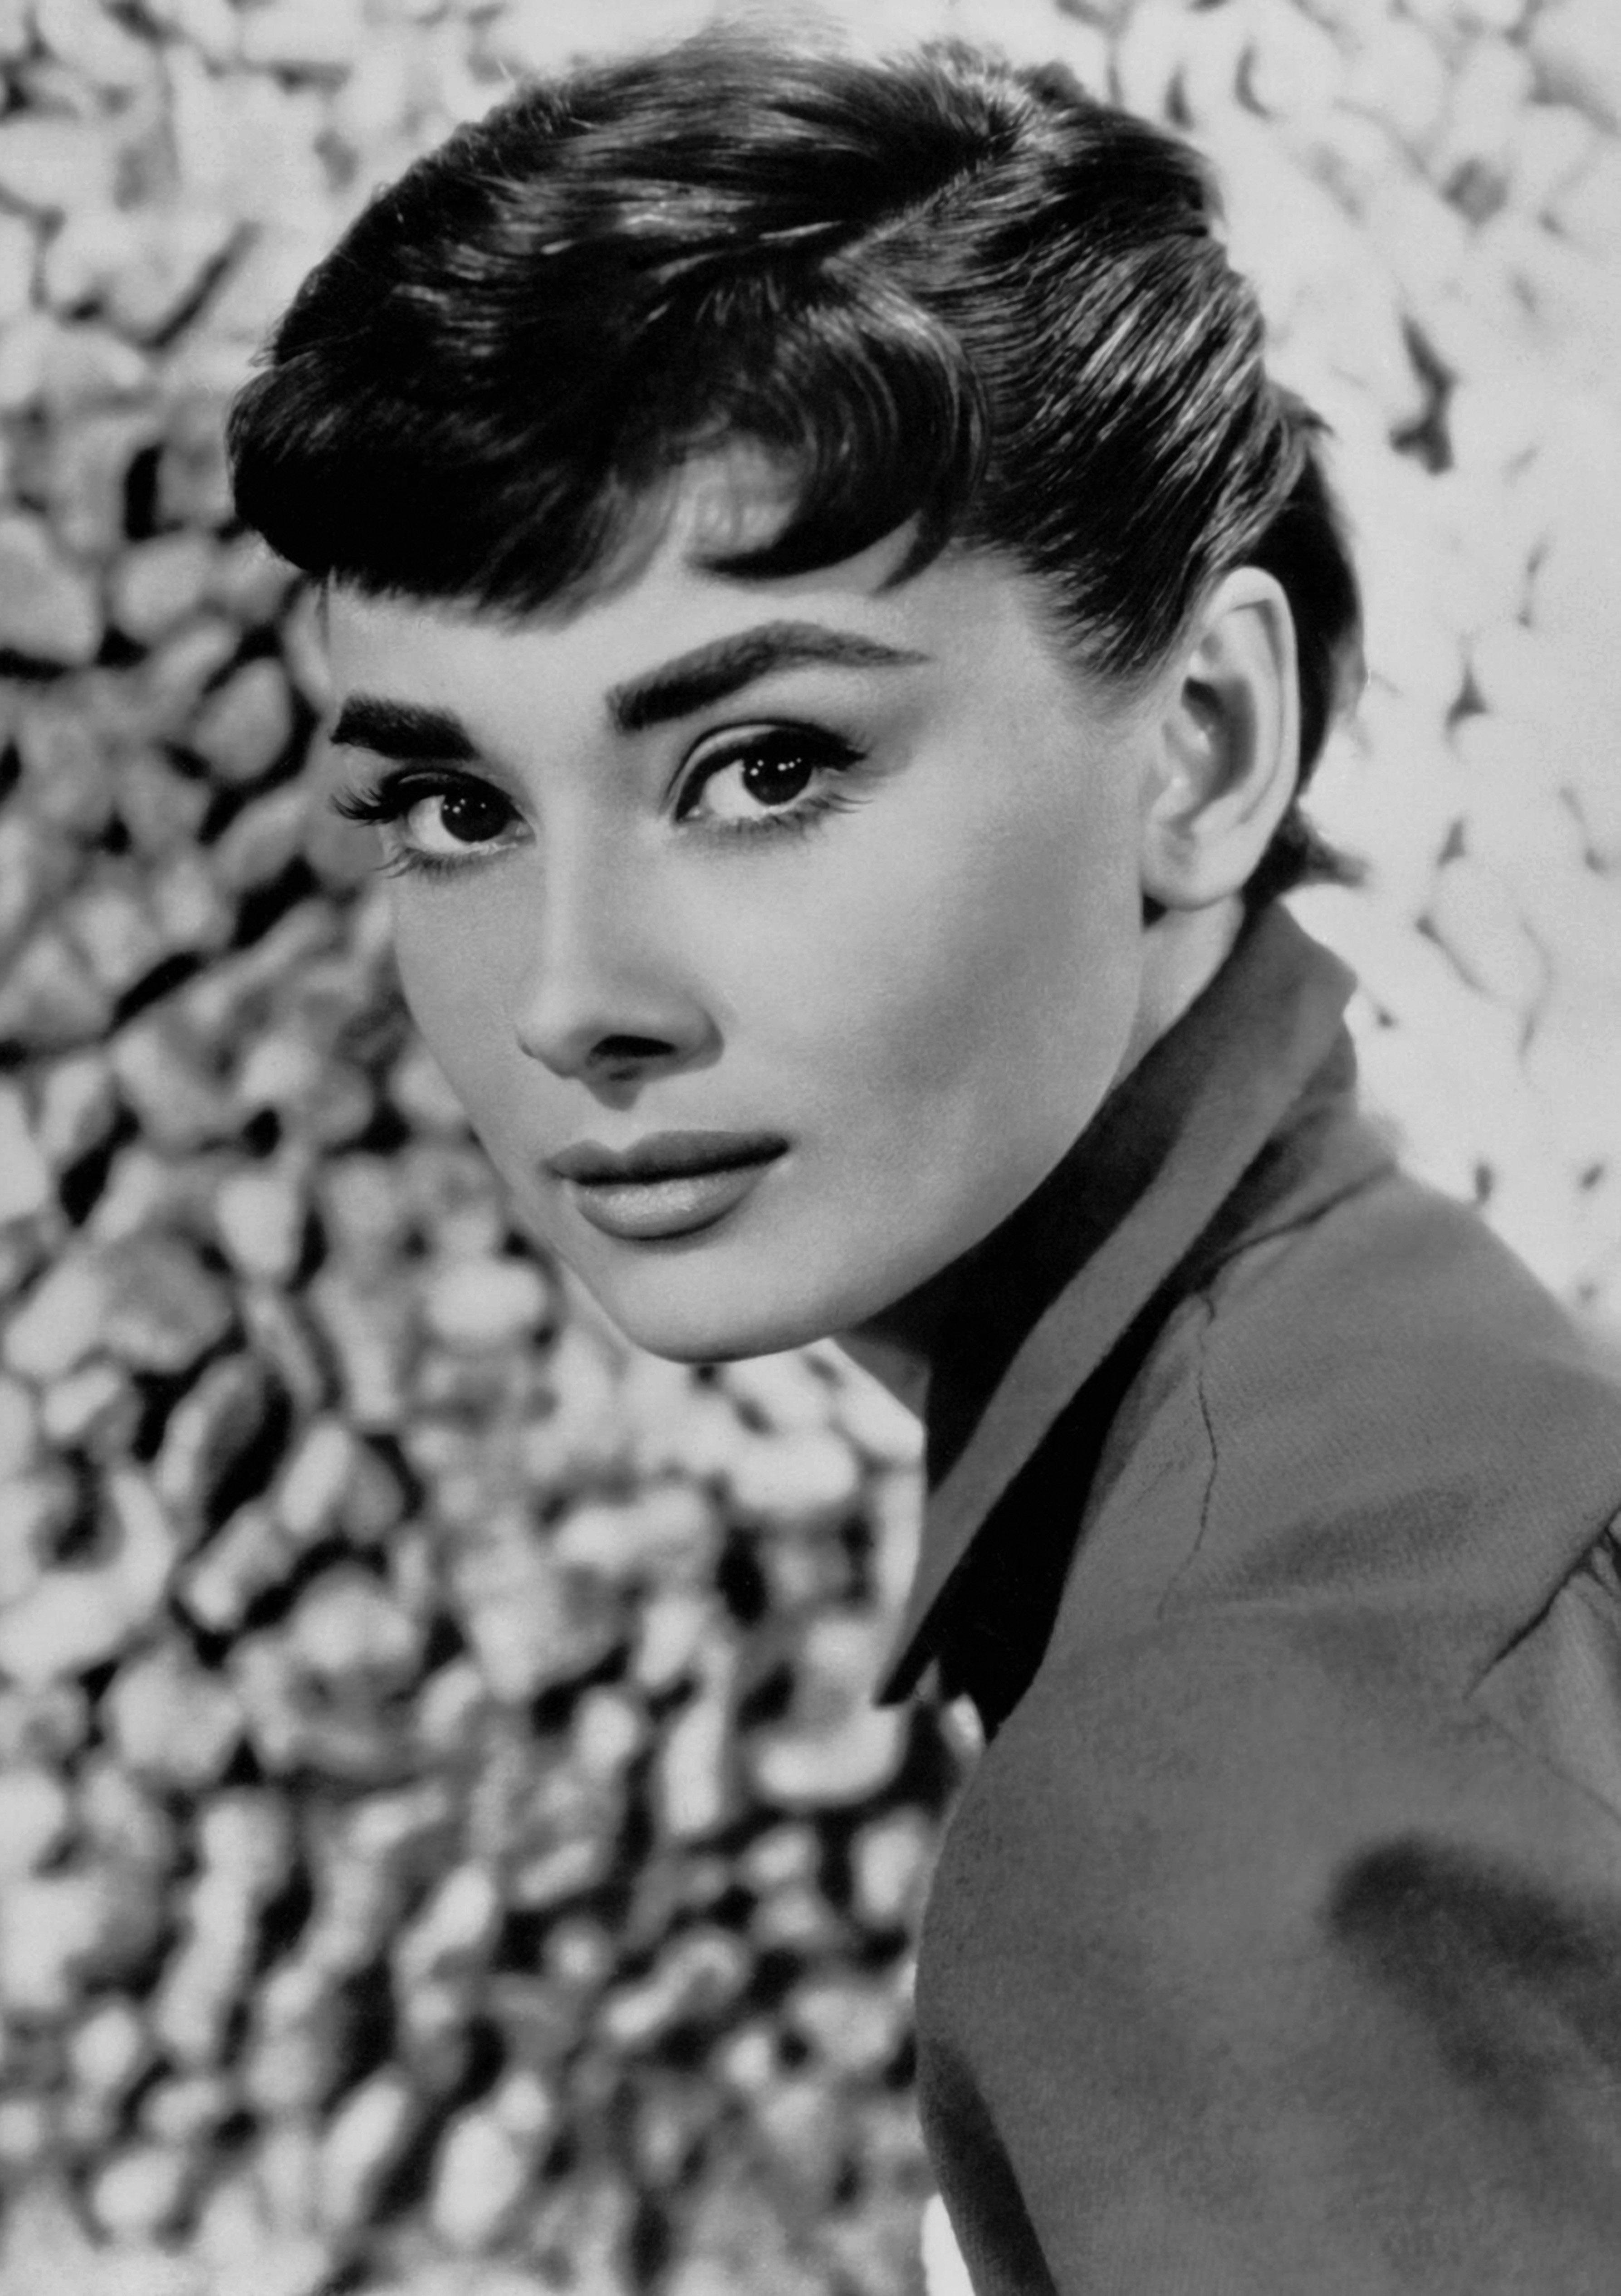 Audrey Hepburn kislányos bájával és elegáns, kifinomult stílusával varázsolt el mindenkit. Nemcsak sikeres színésznő volt, hanem igazi divatikon is egészen 1993-as haláláig.